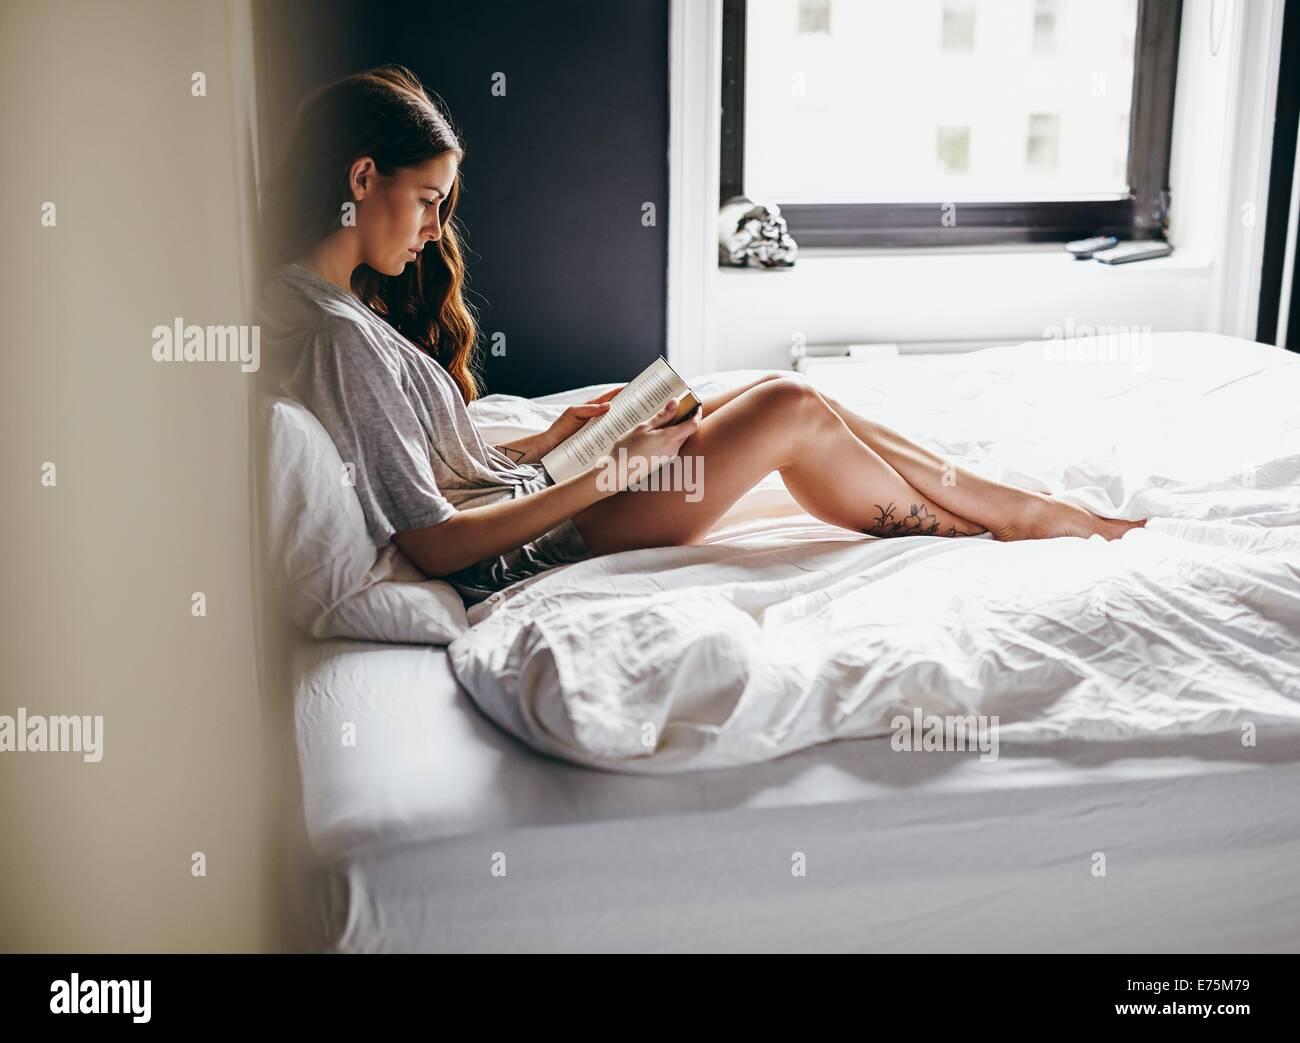 Seitenansicht der junge Frau sitzt auf ihrem Bett und las ein Buch zu Hause im Schlafzimmer Stockbild